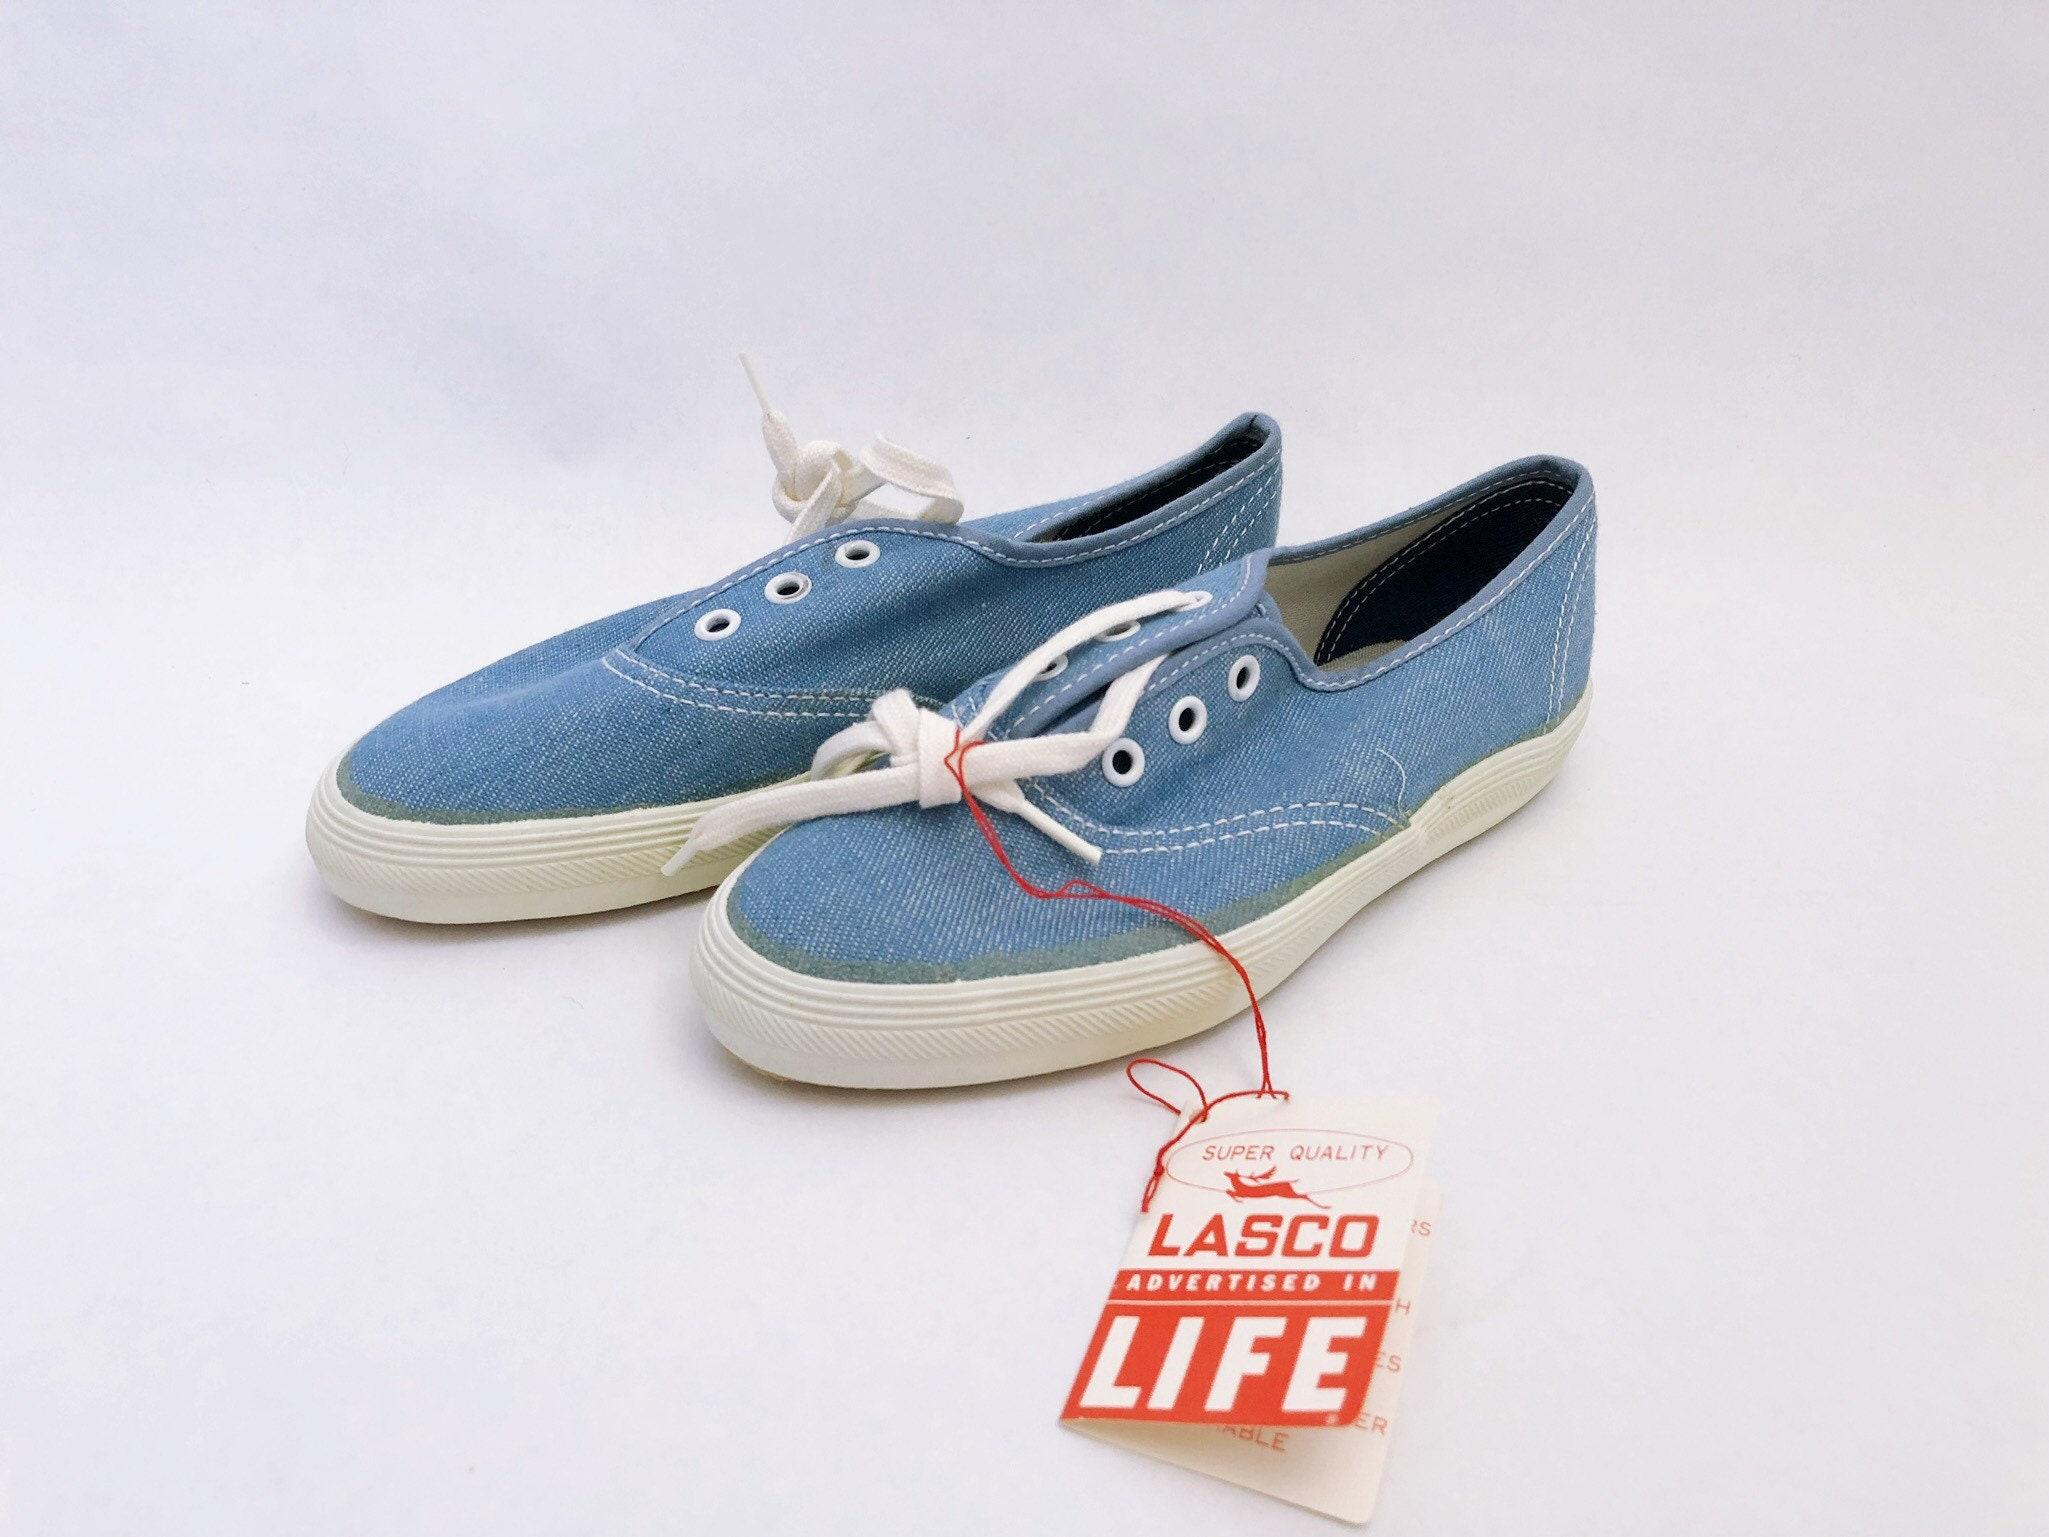 Childrens Sneaker Lasco Tennis Shoe Size 10 Deadstock Nib 70s Etsy